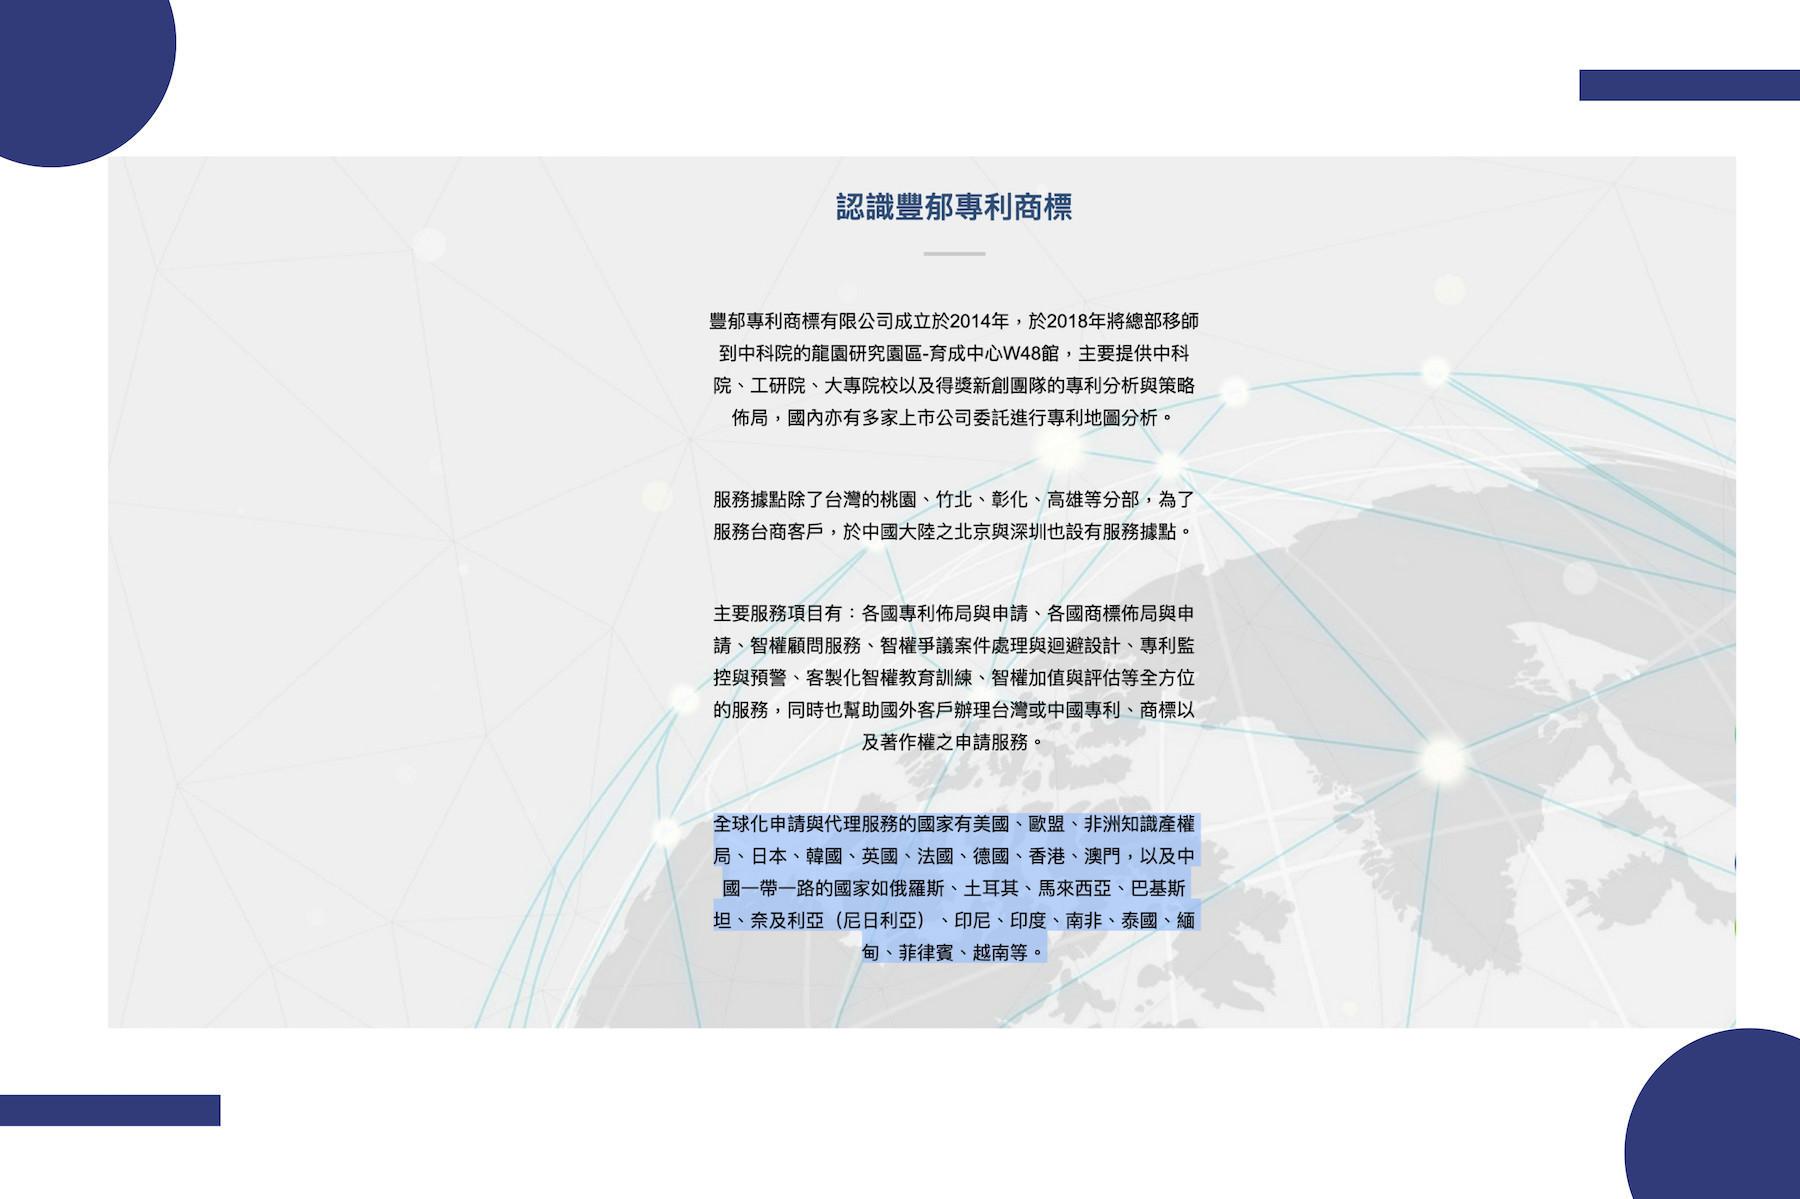 SEO網站成功案例-豐郁專利商標有限公司 網站風格